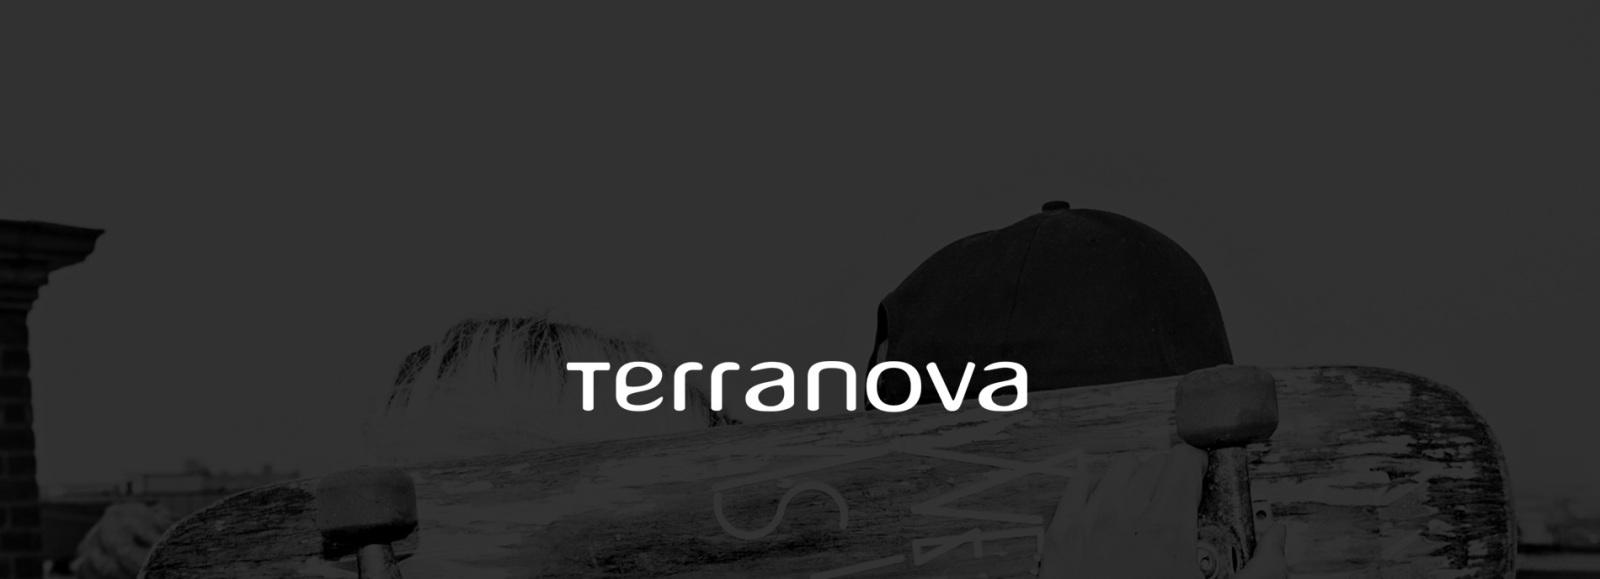 terranova_sito1